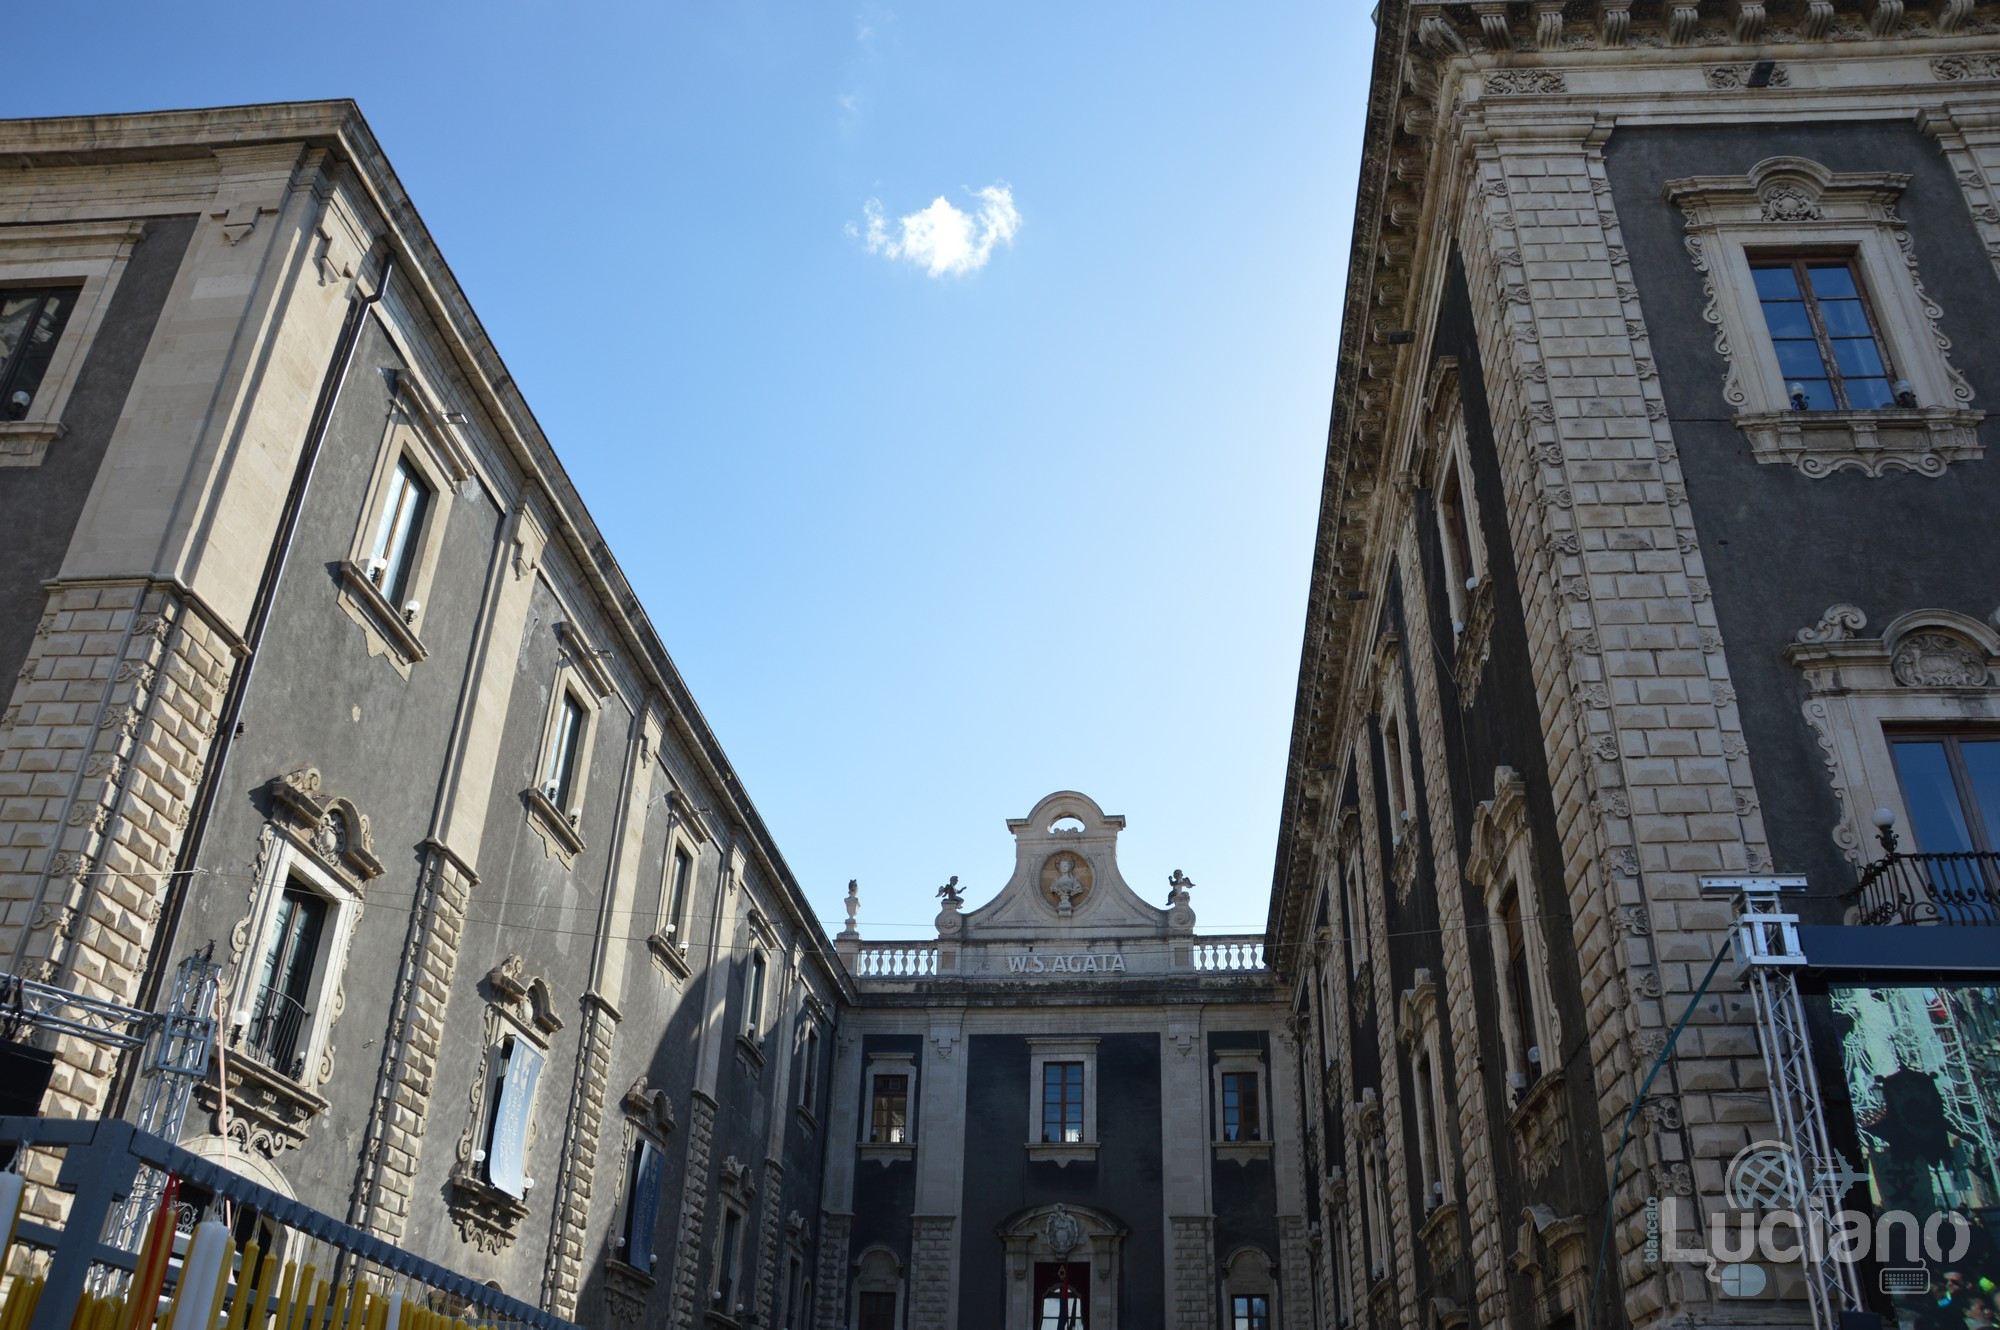 Museo Diocesano Catania, durante i festeggiamenti per Sant'Agata 2019 - Catania (CT)